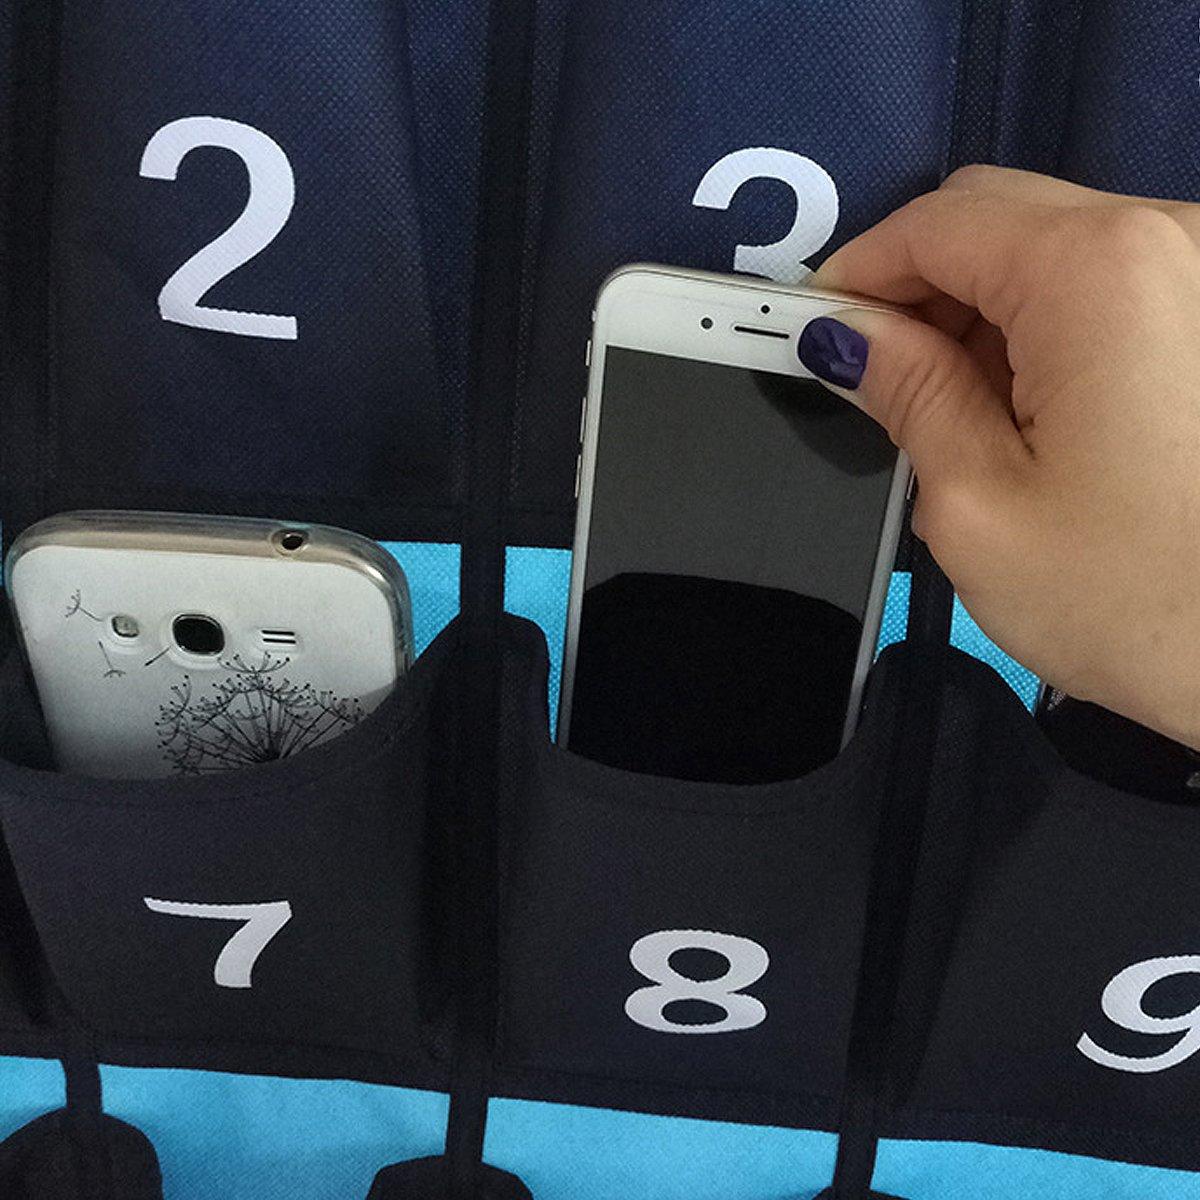 Azul N/úMero 30 Grandes Bolsillos Armario De La Puerta De La Pared Bolsa De Almacenamiento Colgante Organizador Con N/úMero De Almacenamiento Para Tel/éFonos M/óViles //Accesorios De Moda 60*85cm